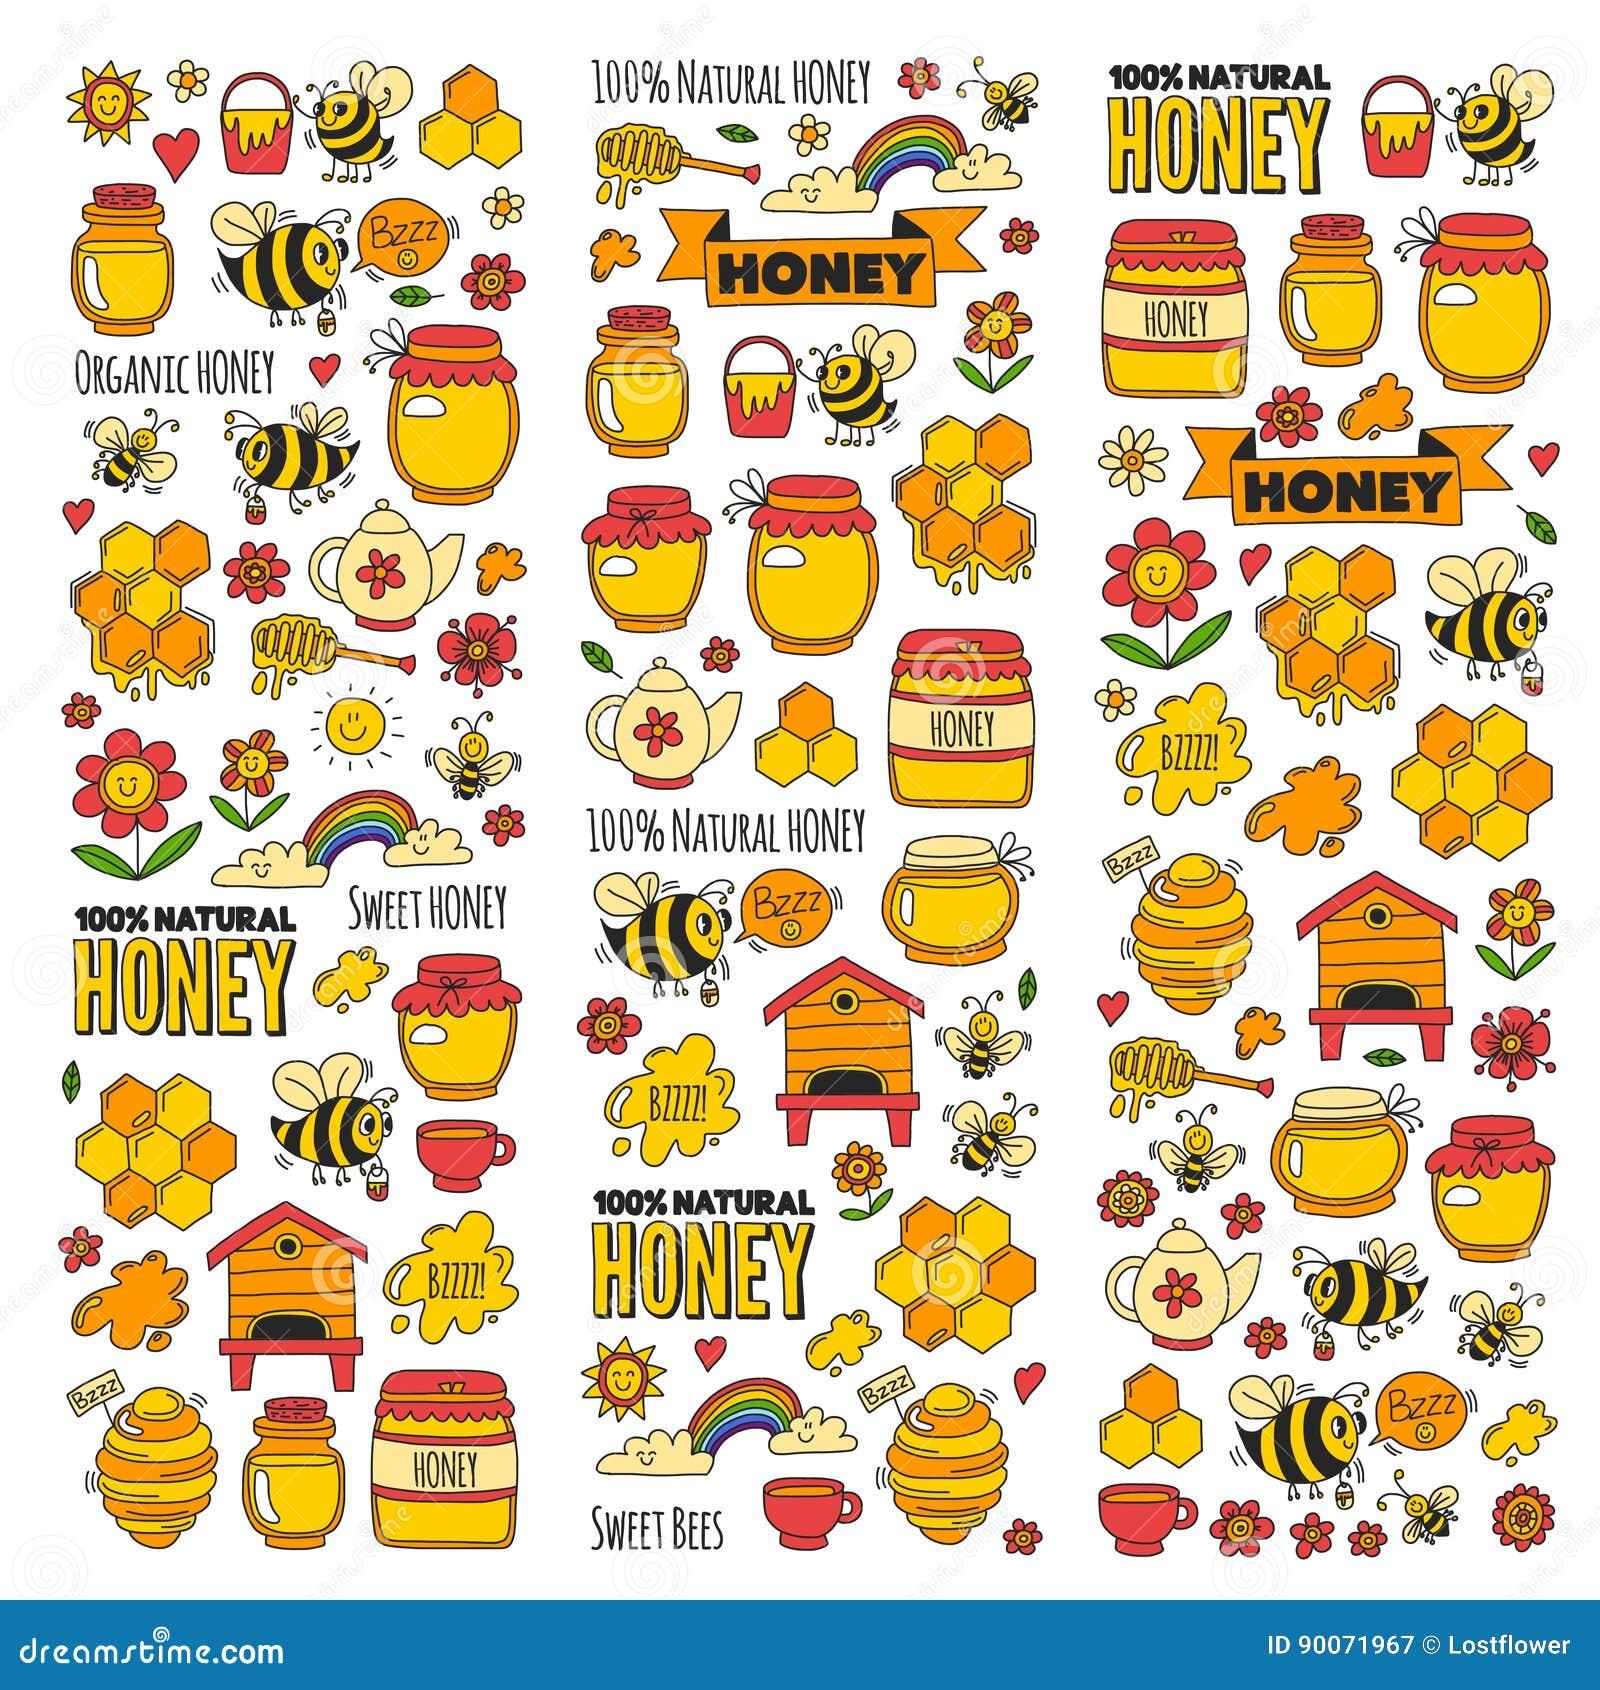 蜂蜜市场,义卖市场,蜂,花,瓶子,蜂窝,蜂箱,斑点,有字法的小桶蜂蜜公平的乱画图象